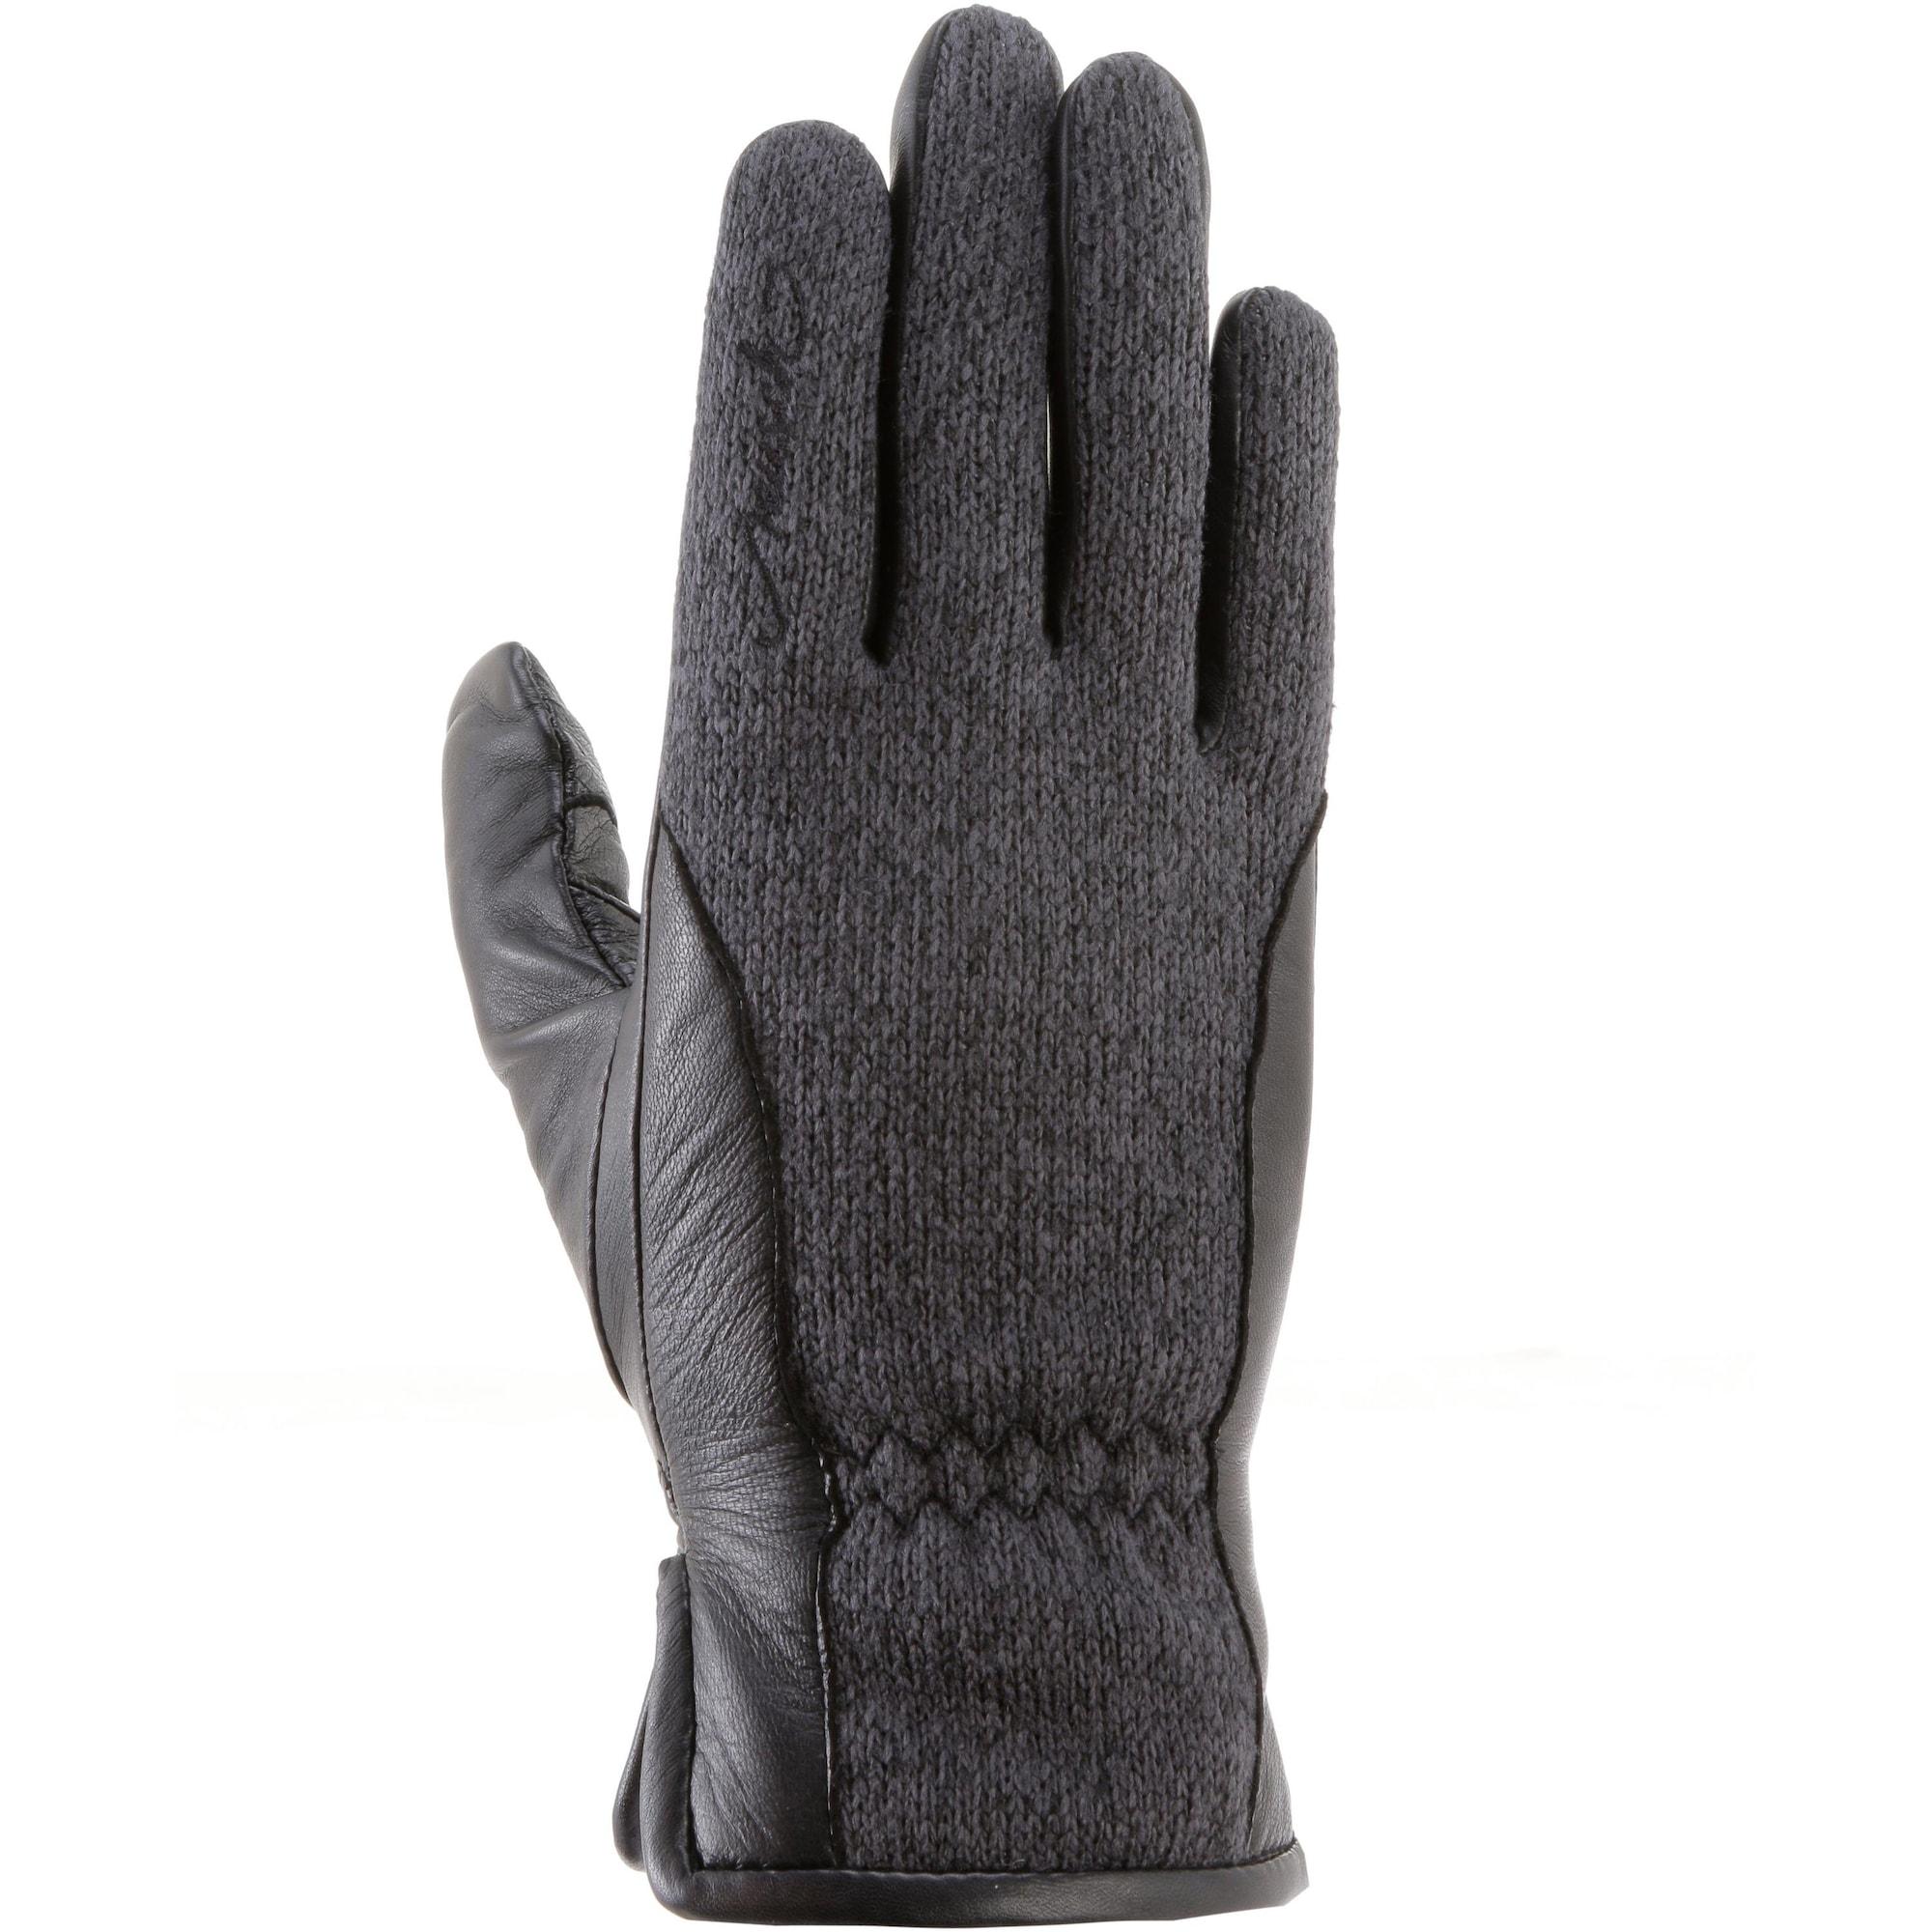 Fingerhandschuhe 'VERONA' | Accessoires > Handschuhe | Dunkelgrau - Schwarz | REUSCH